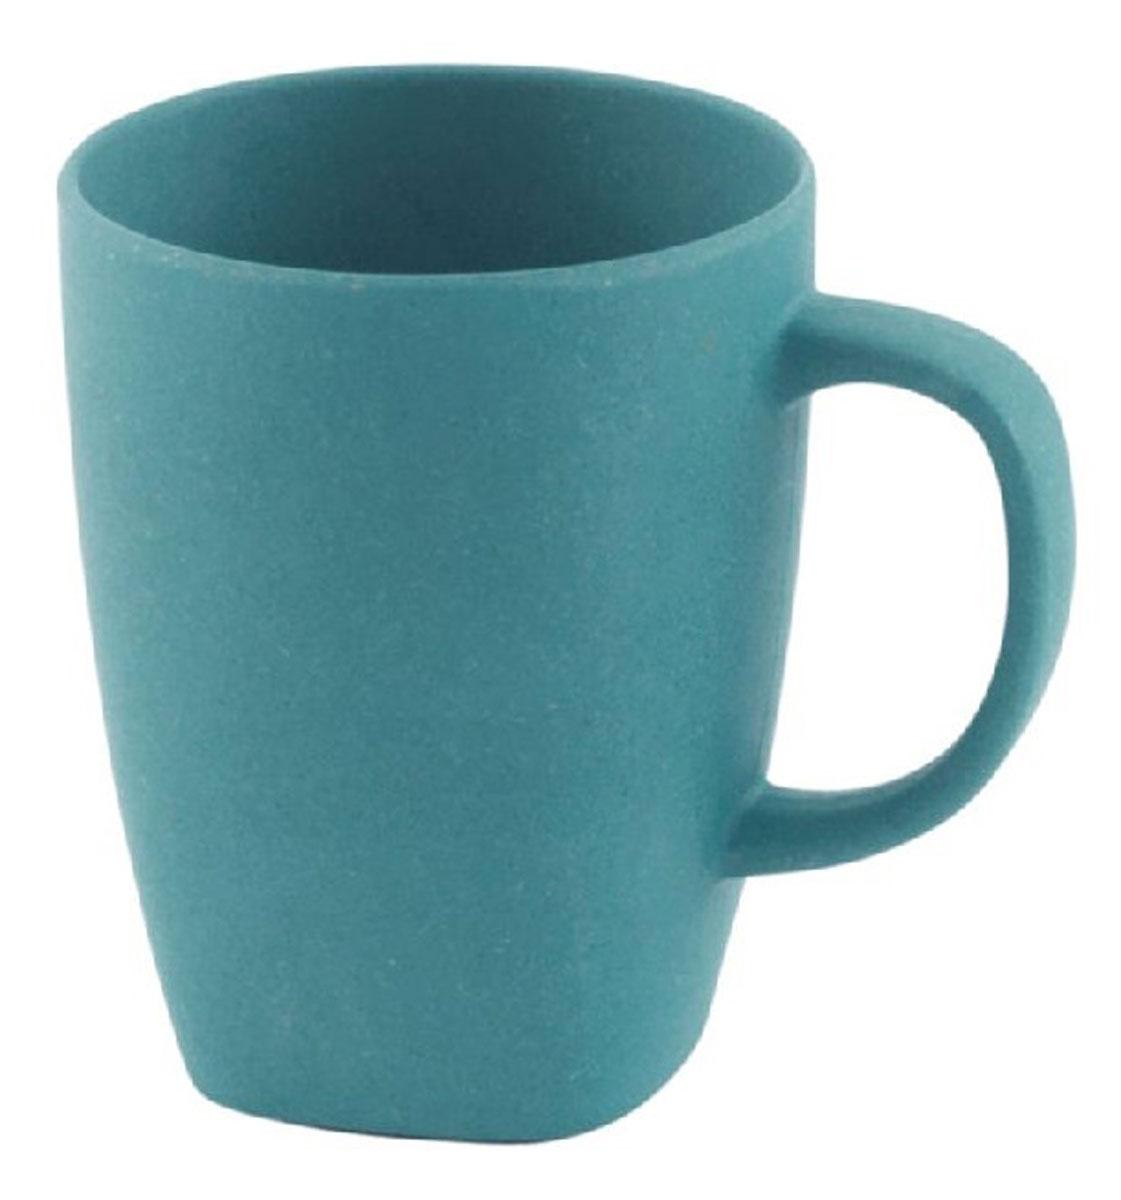 Кружка Outwell Bamboo Ocean Mug, цвет: бирюзовый, 300 мл650283Кружка Outwell Bamboo Ocean Mug изготовлена из высококачественного биоразлагаемого бамбука. Она оснащена ручкой для более удобной эксплуатации. Посуда из бамбука экологична, обладает высокими гигиеническими свойствами. Кружка легкая, разбить ее гораздо сложнее, чем стеклянную.Такую кружку по достоинству оценят туристы, делающие выбор в пользу экологически чистых материалов.